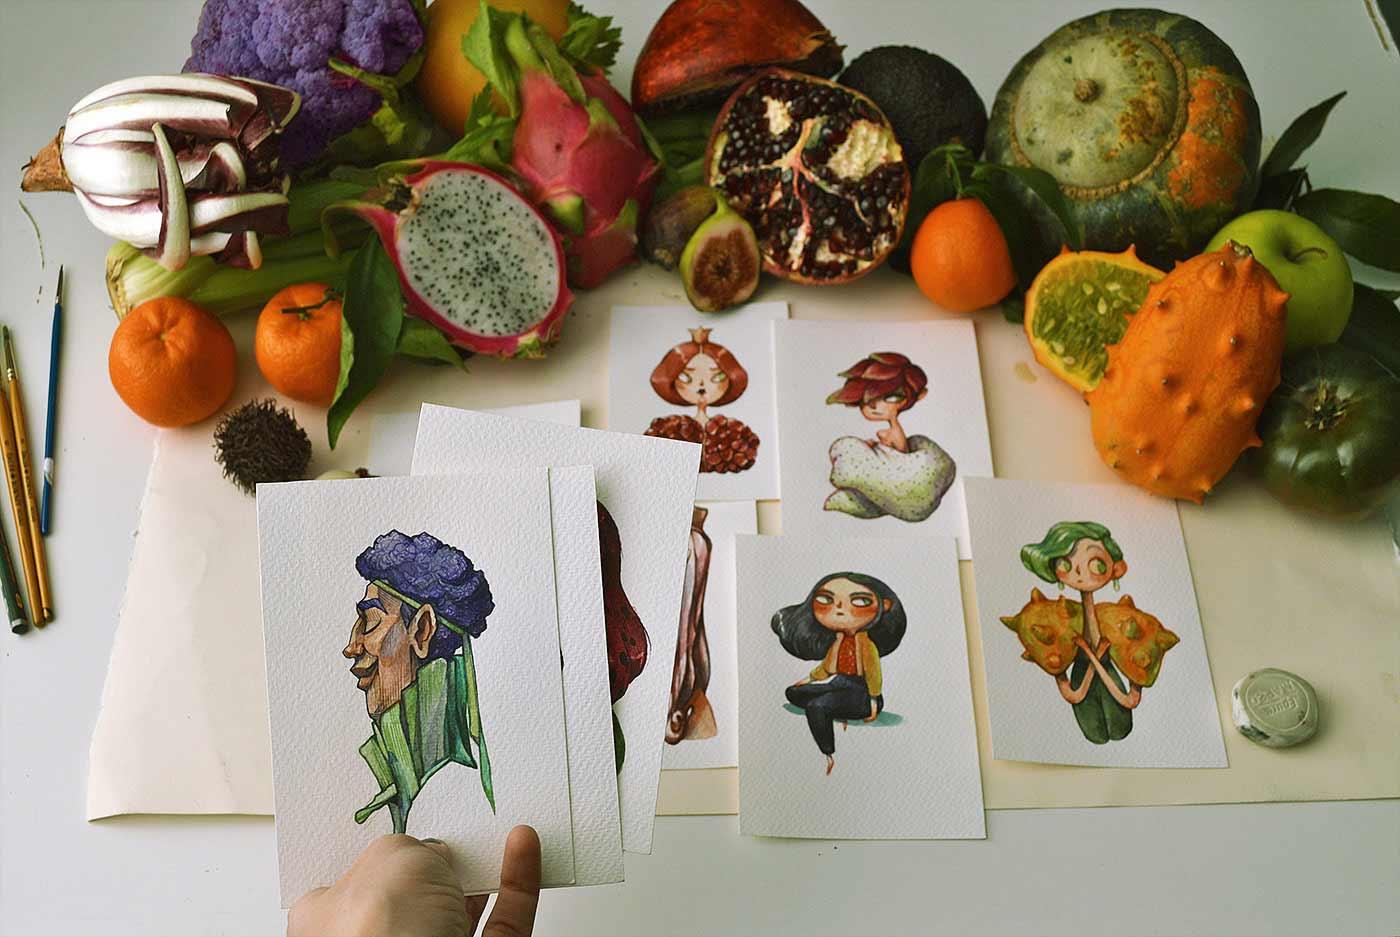 Früchte als Personen gezeichnet obst-als-personen-Marija-Tiurina_10